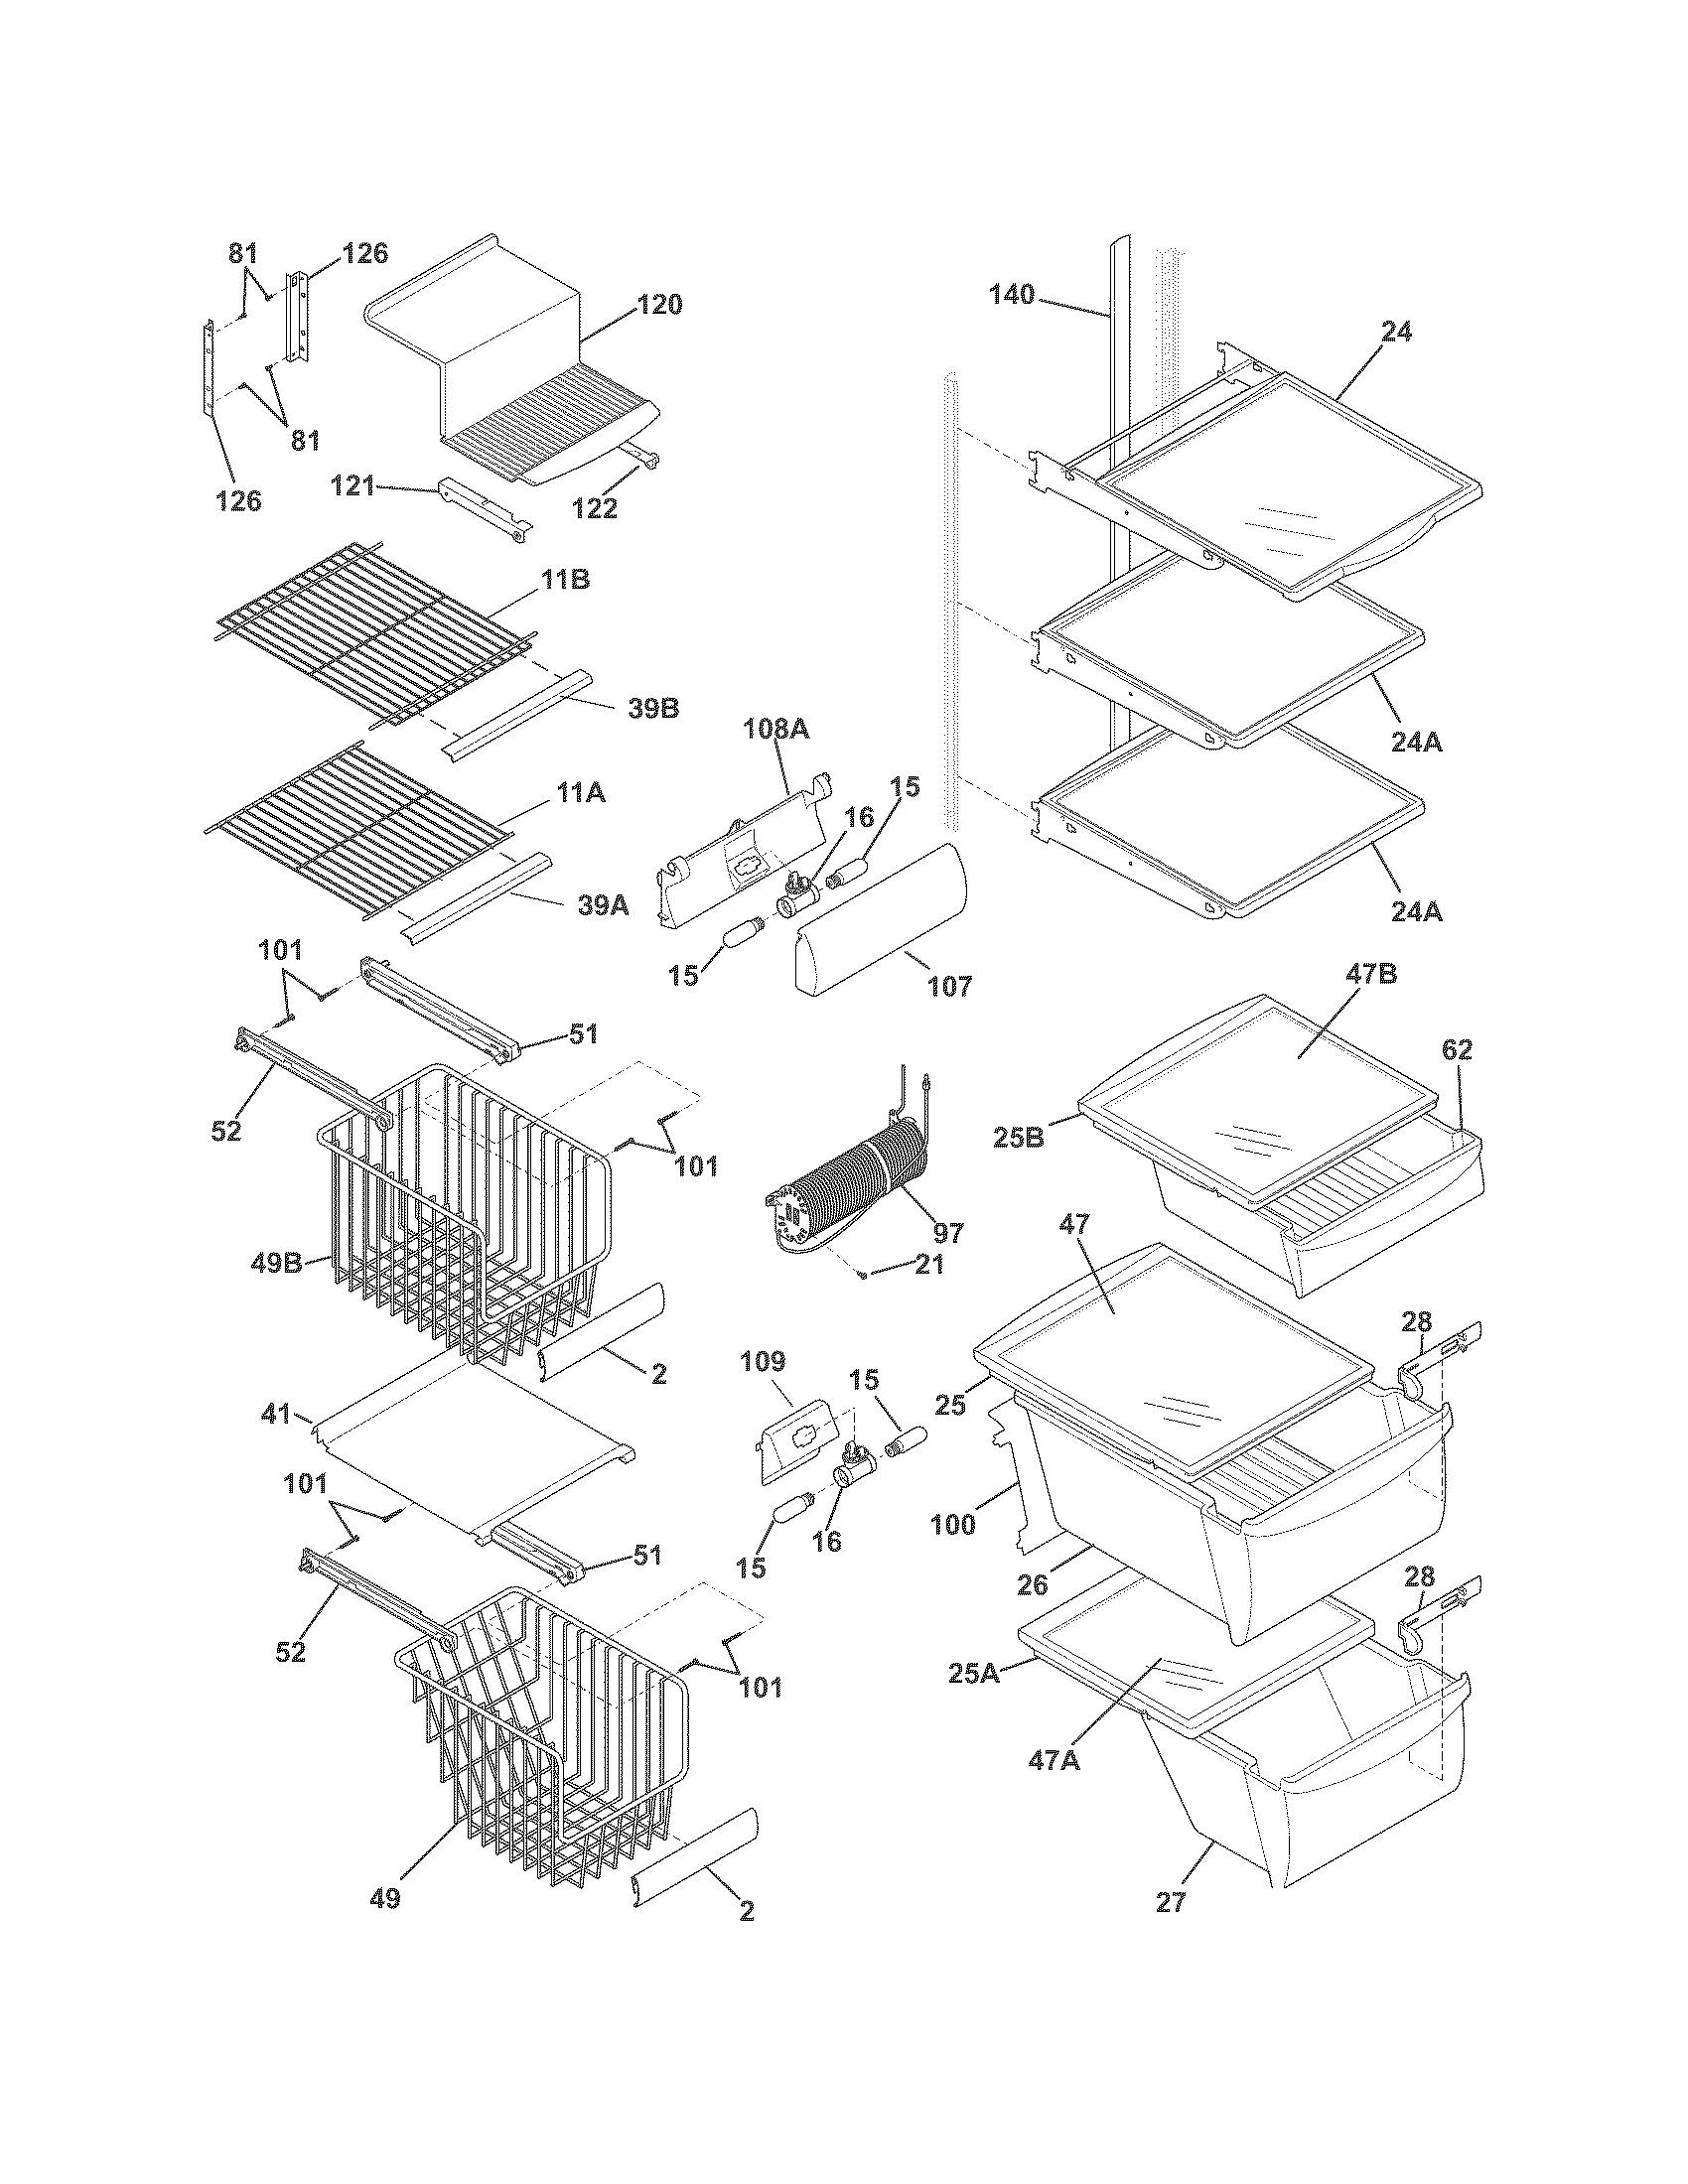 Frigidaire model FGHC2331PF0 side-by-side refrigerator